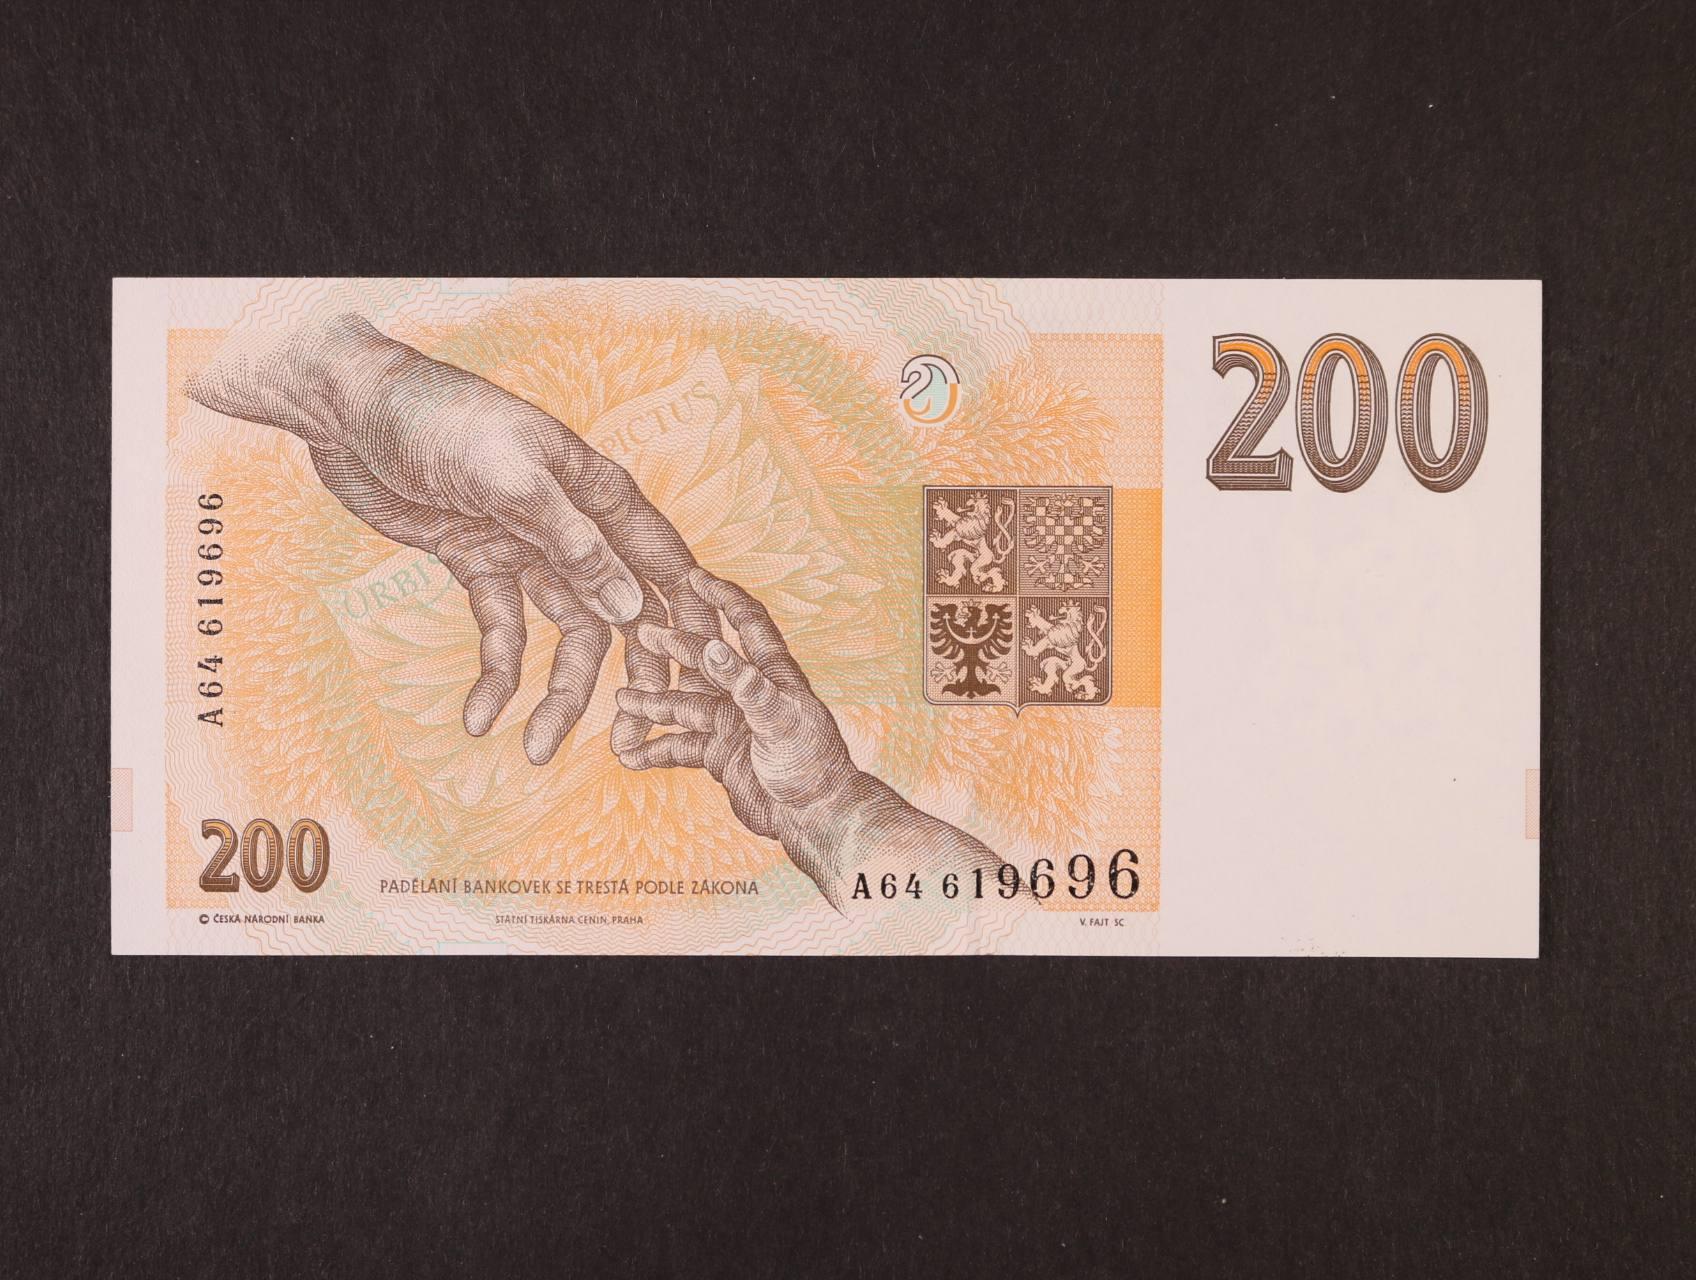 200 Kč 1993 série A 64, proužek